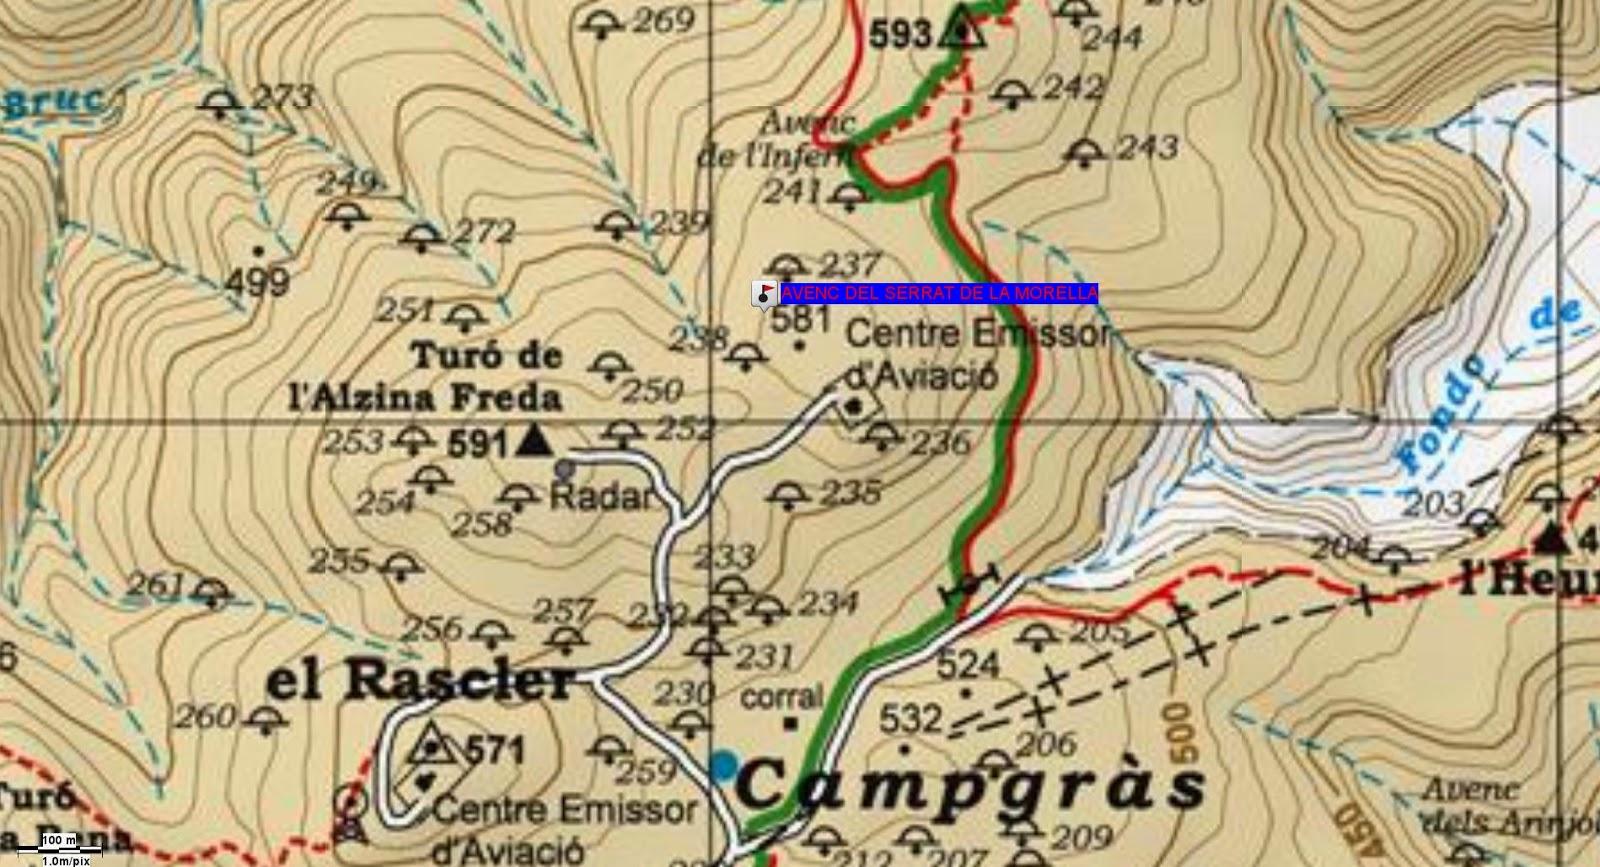 https://sites.google.com/site/espeleodivebcn/AVENC DEL SERRAT DE LA MORELLA.WPT